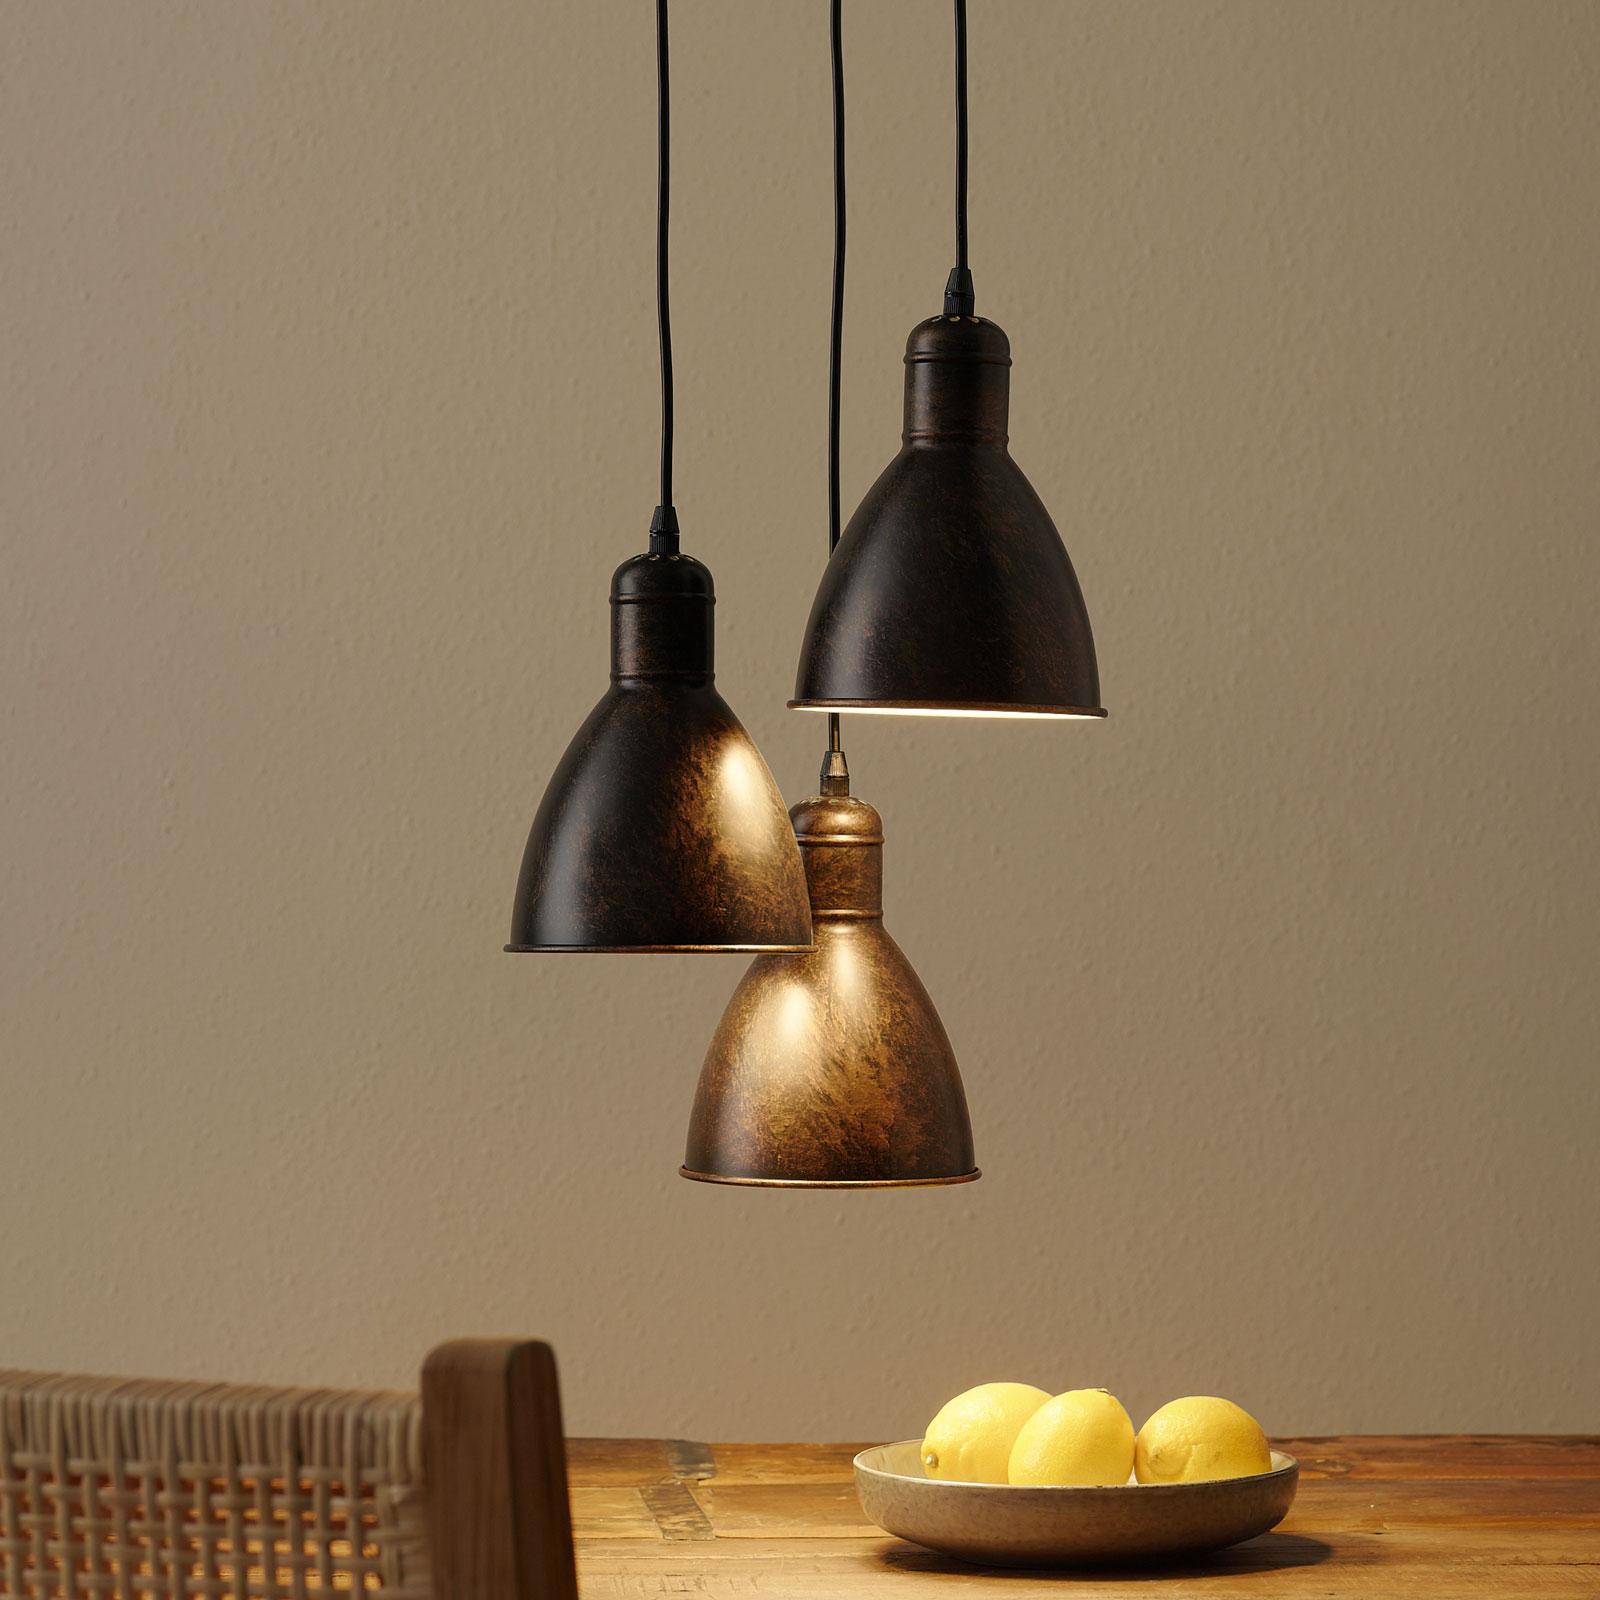 Priddy 1 hængelampe, 3 lyskilder, antik kobber